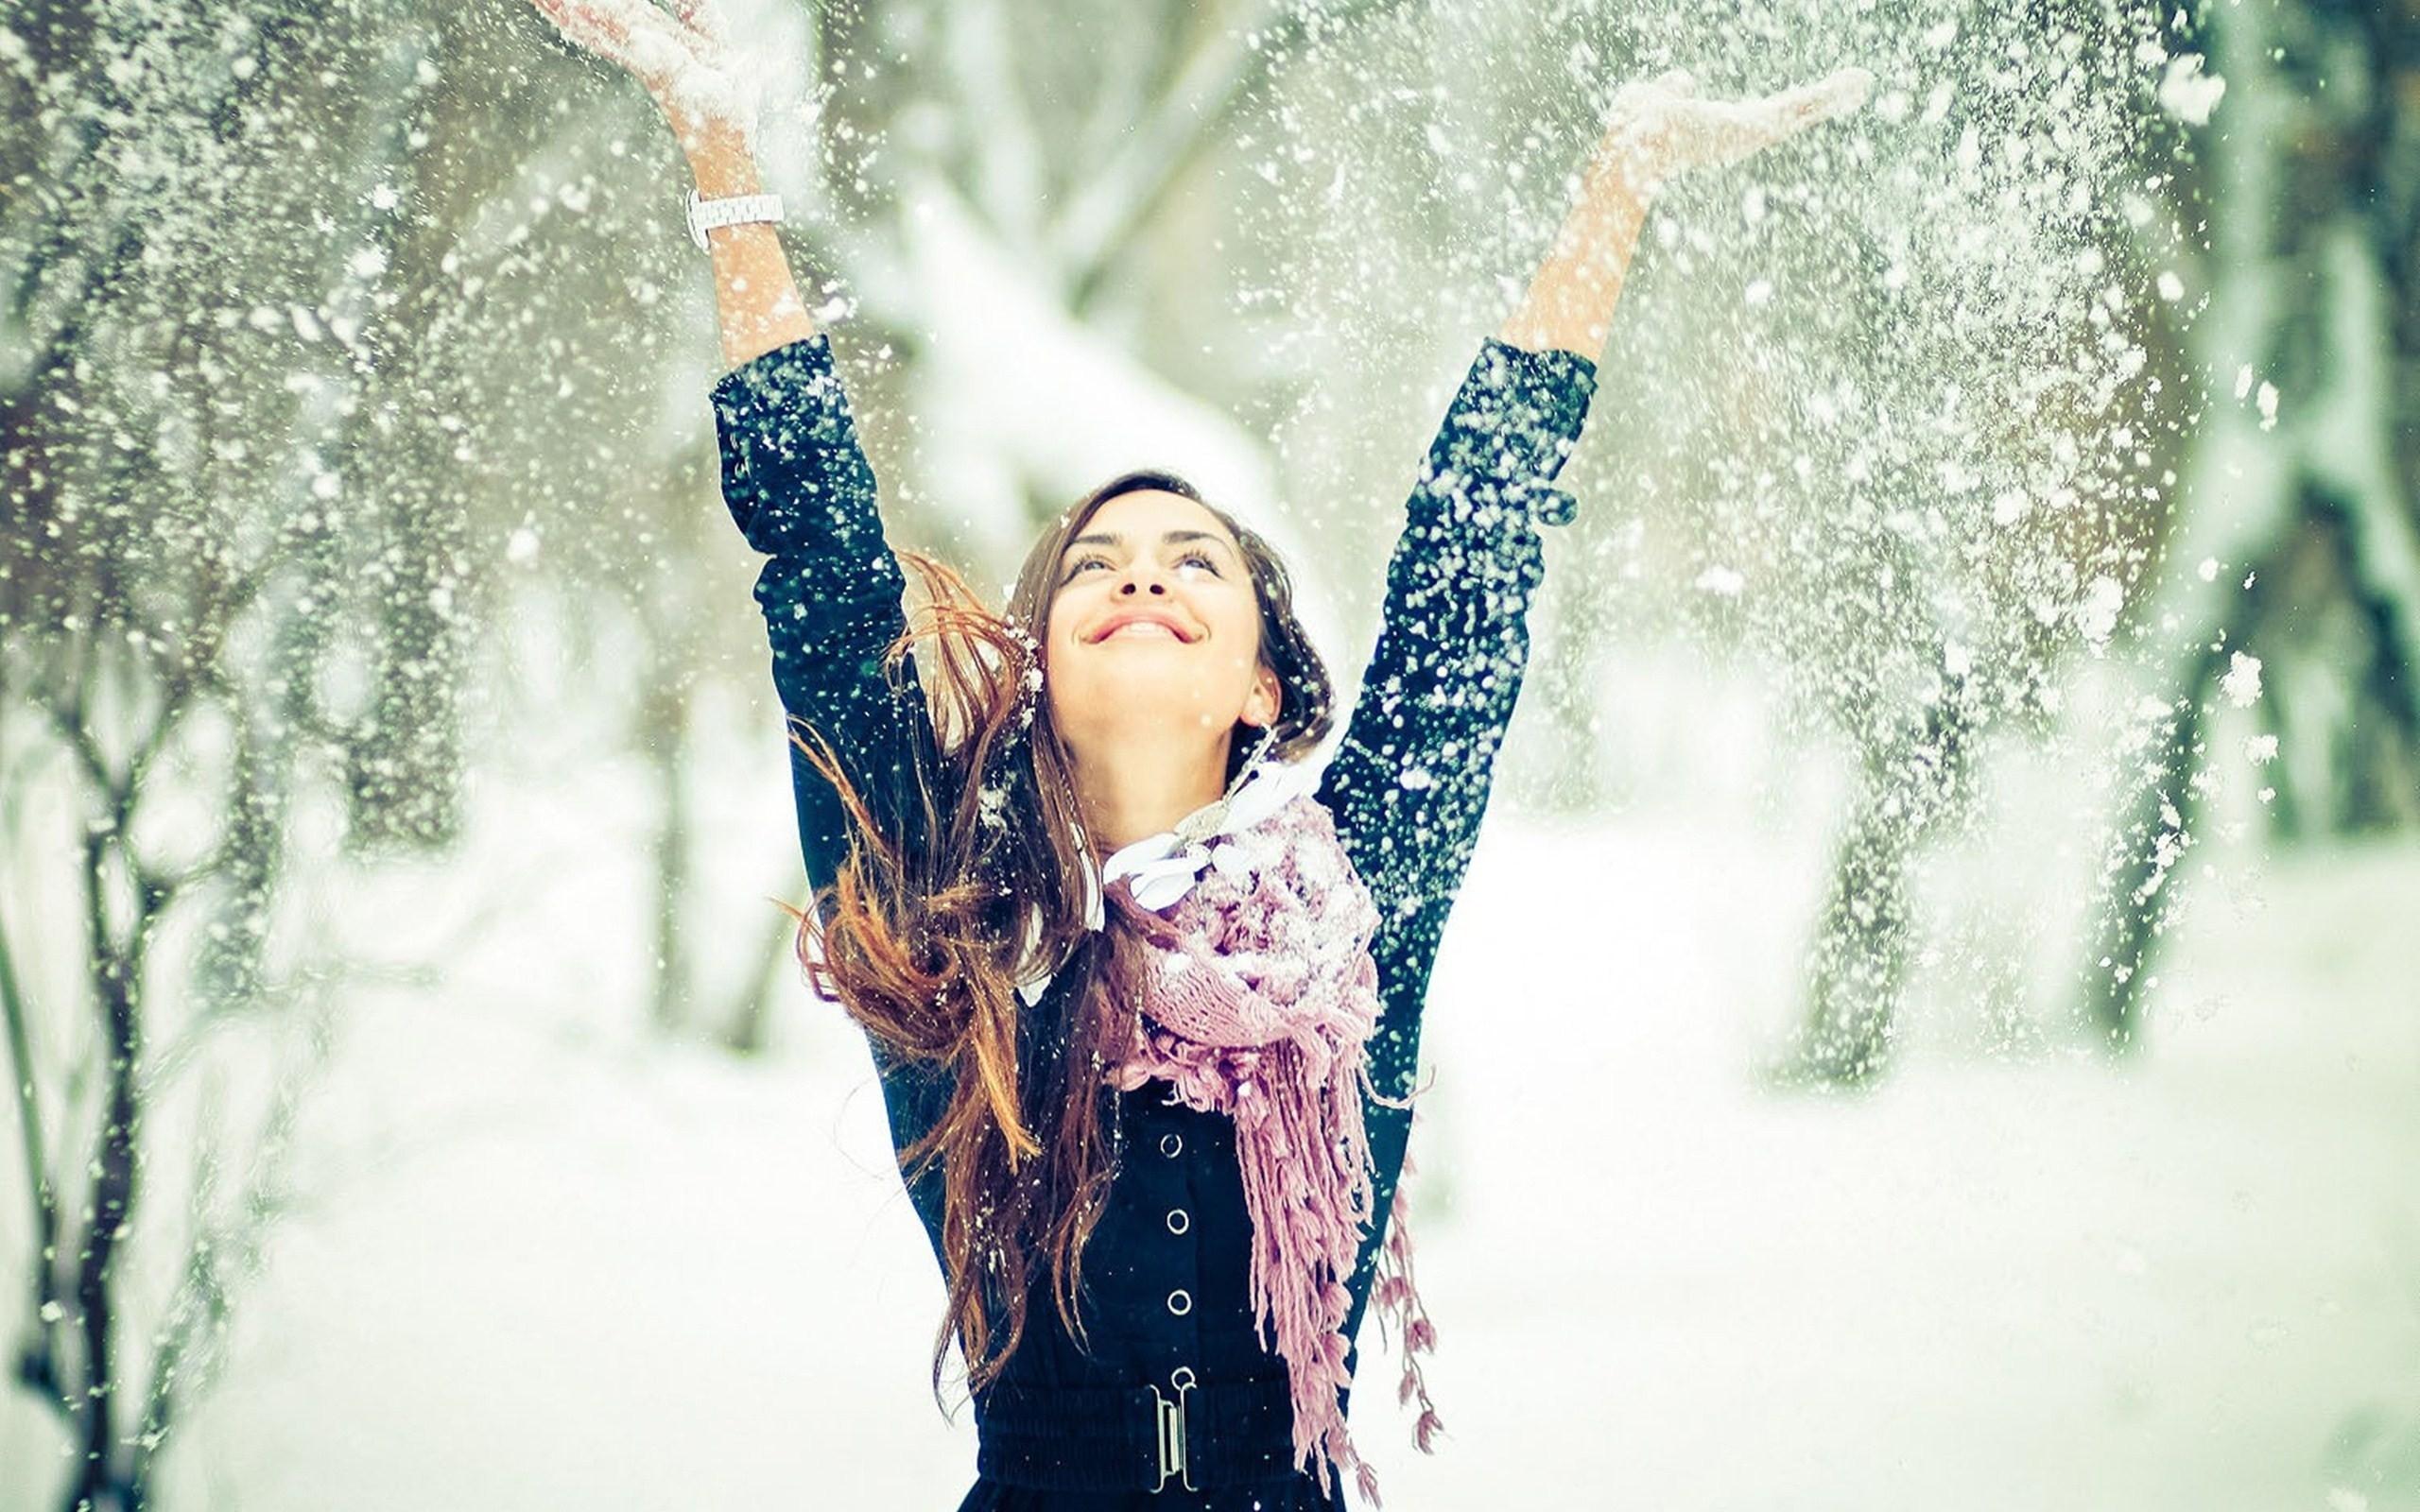 Maquillaje para el invierno. ¿Cómo afrontar el frío?